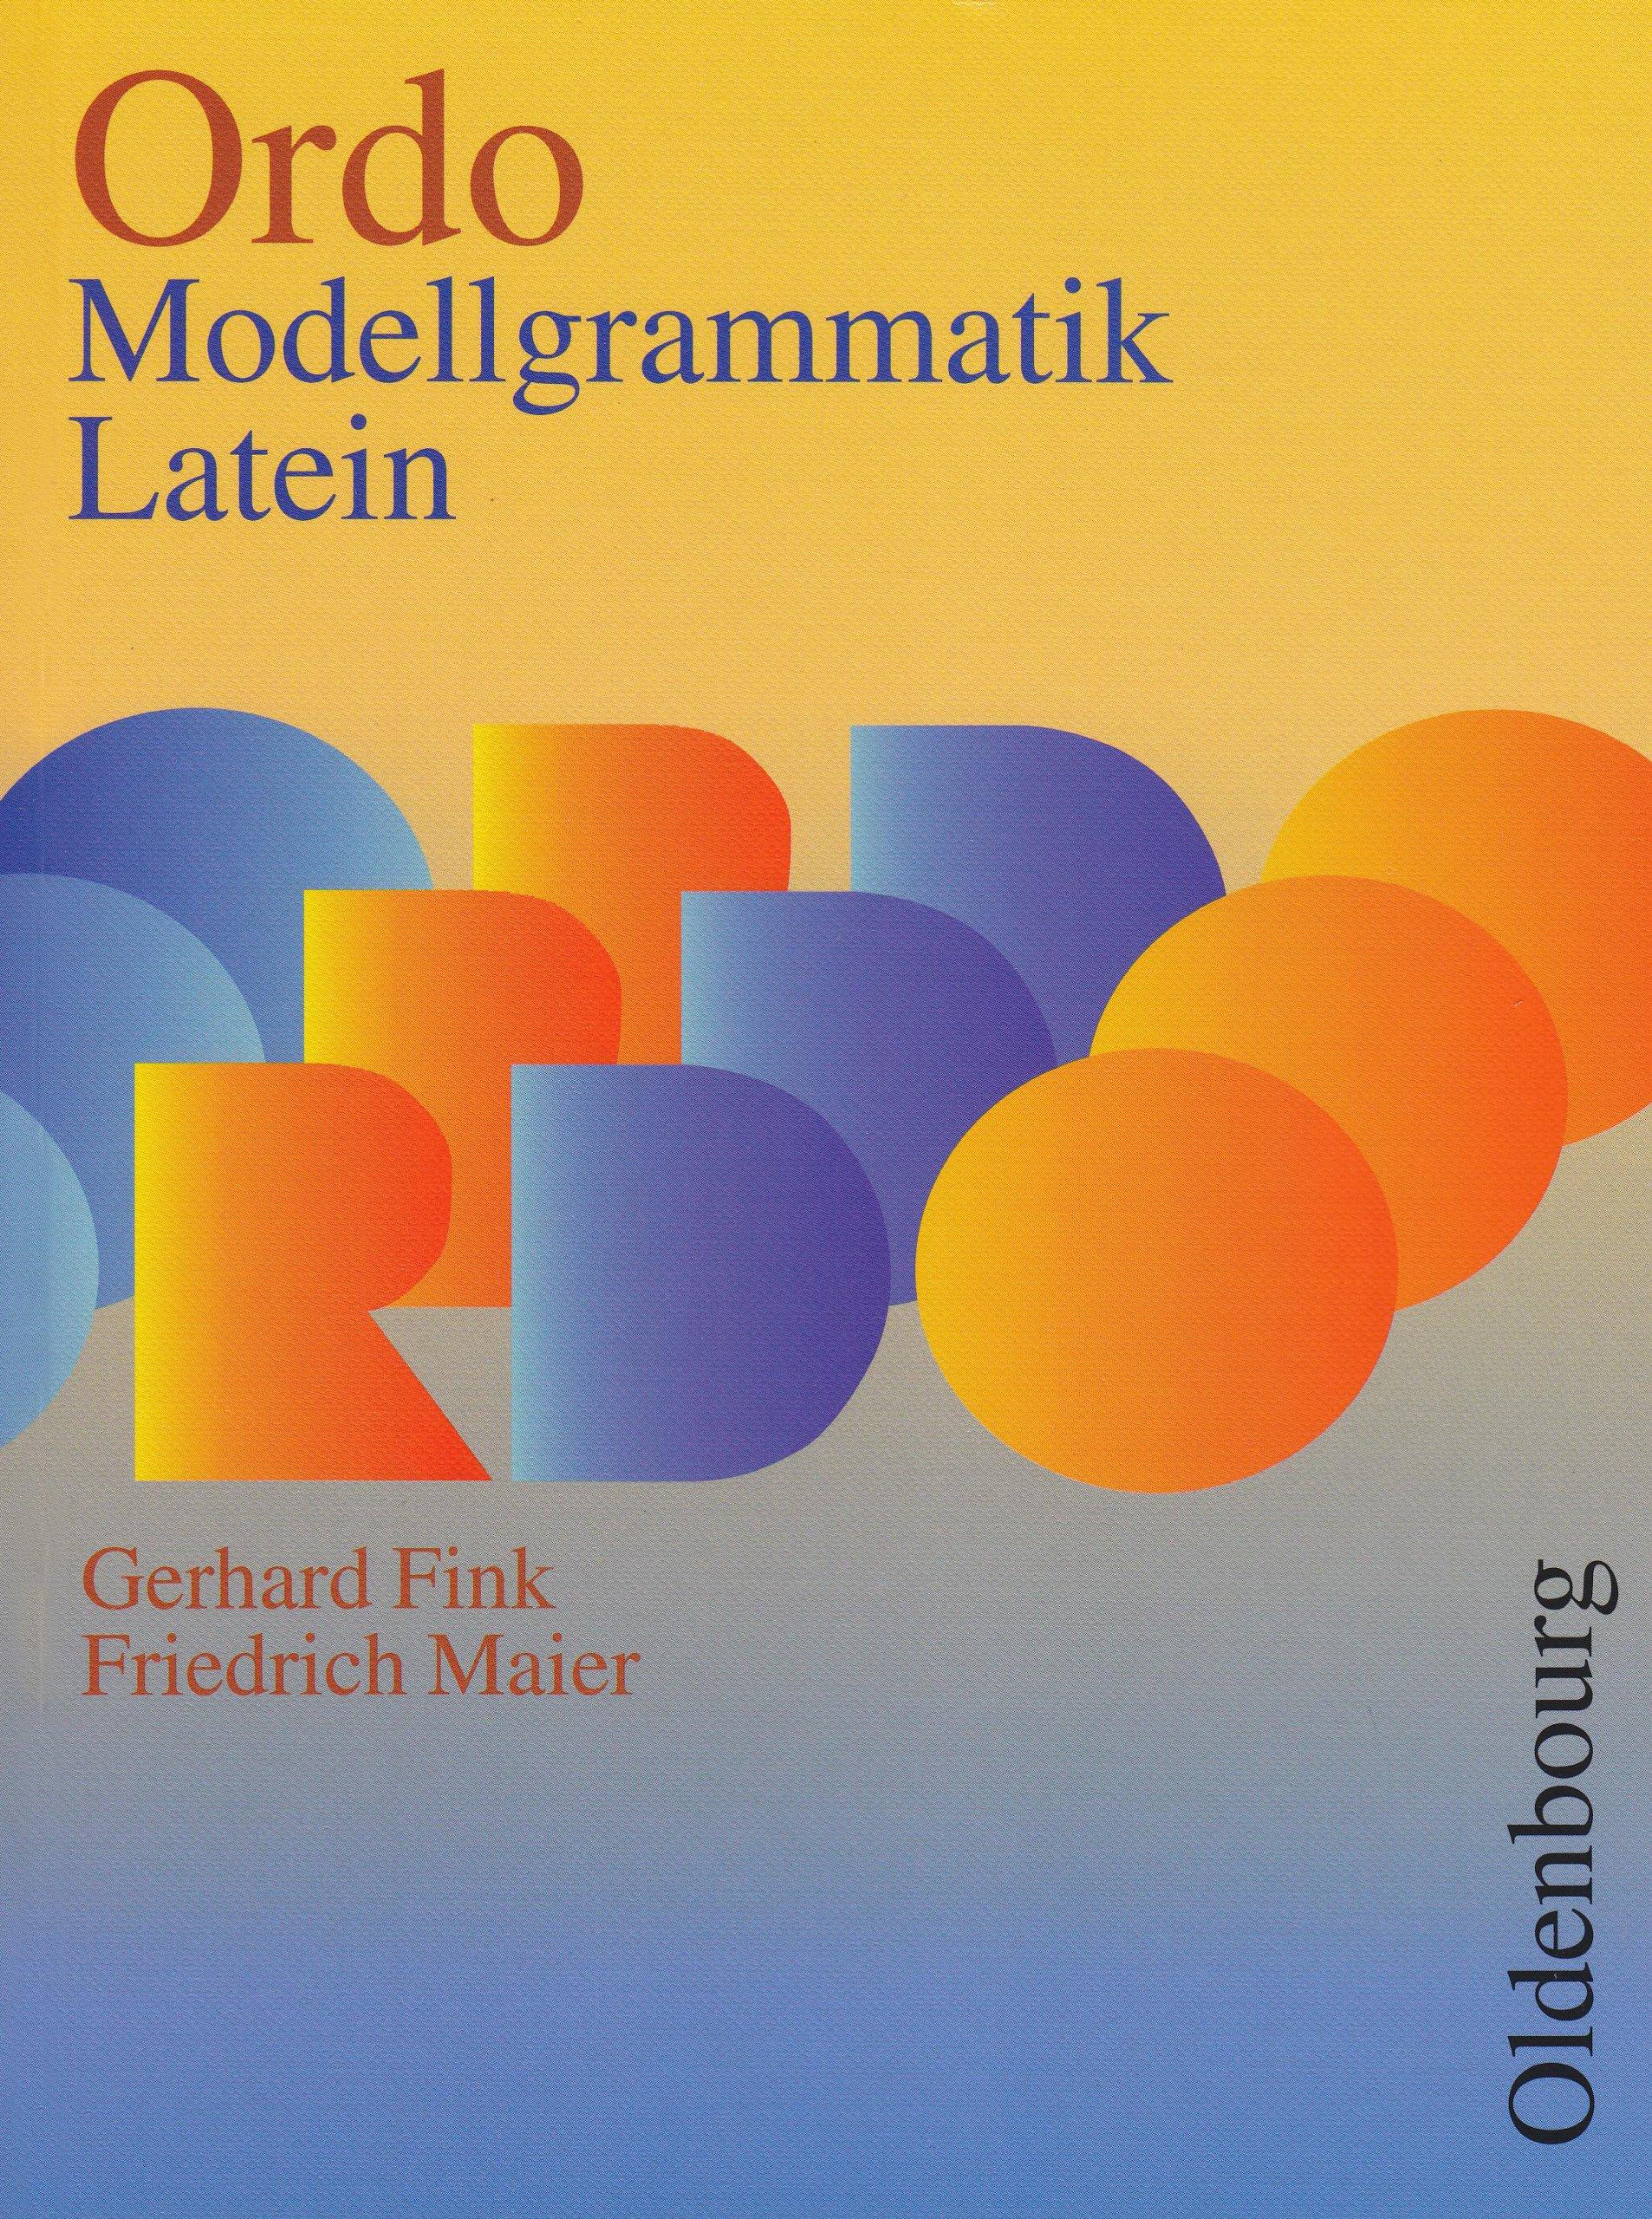 ordo-modellgrammatik-latein